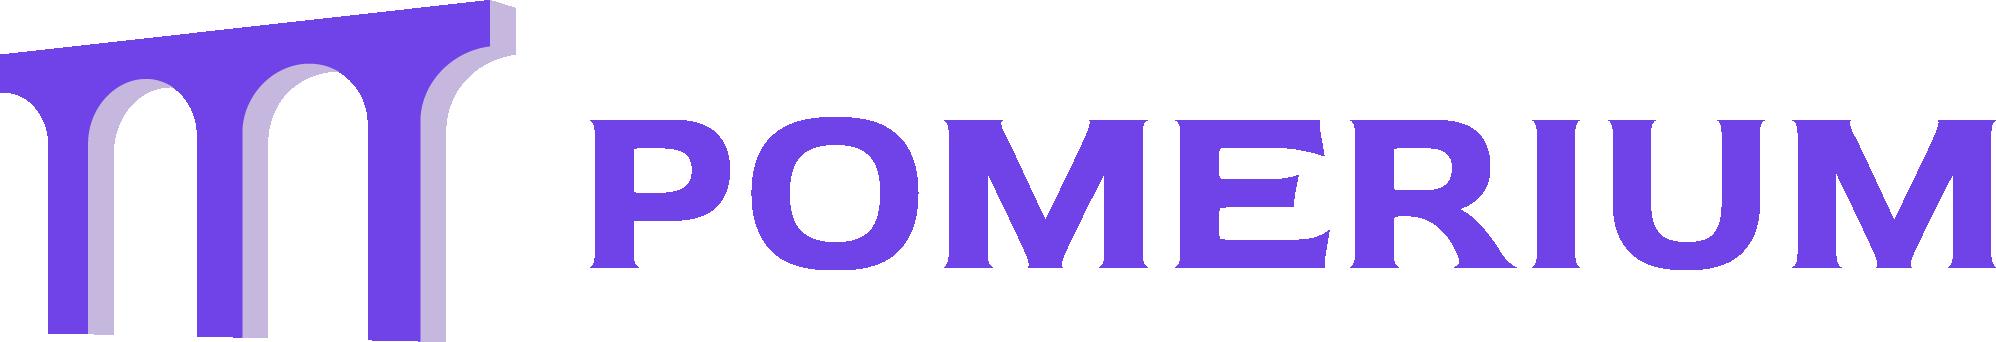 pomerium logo